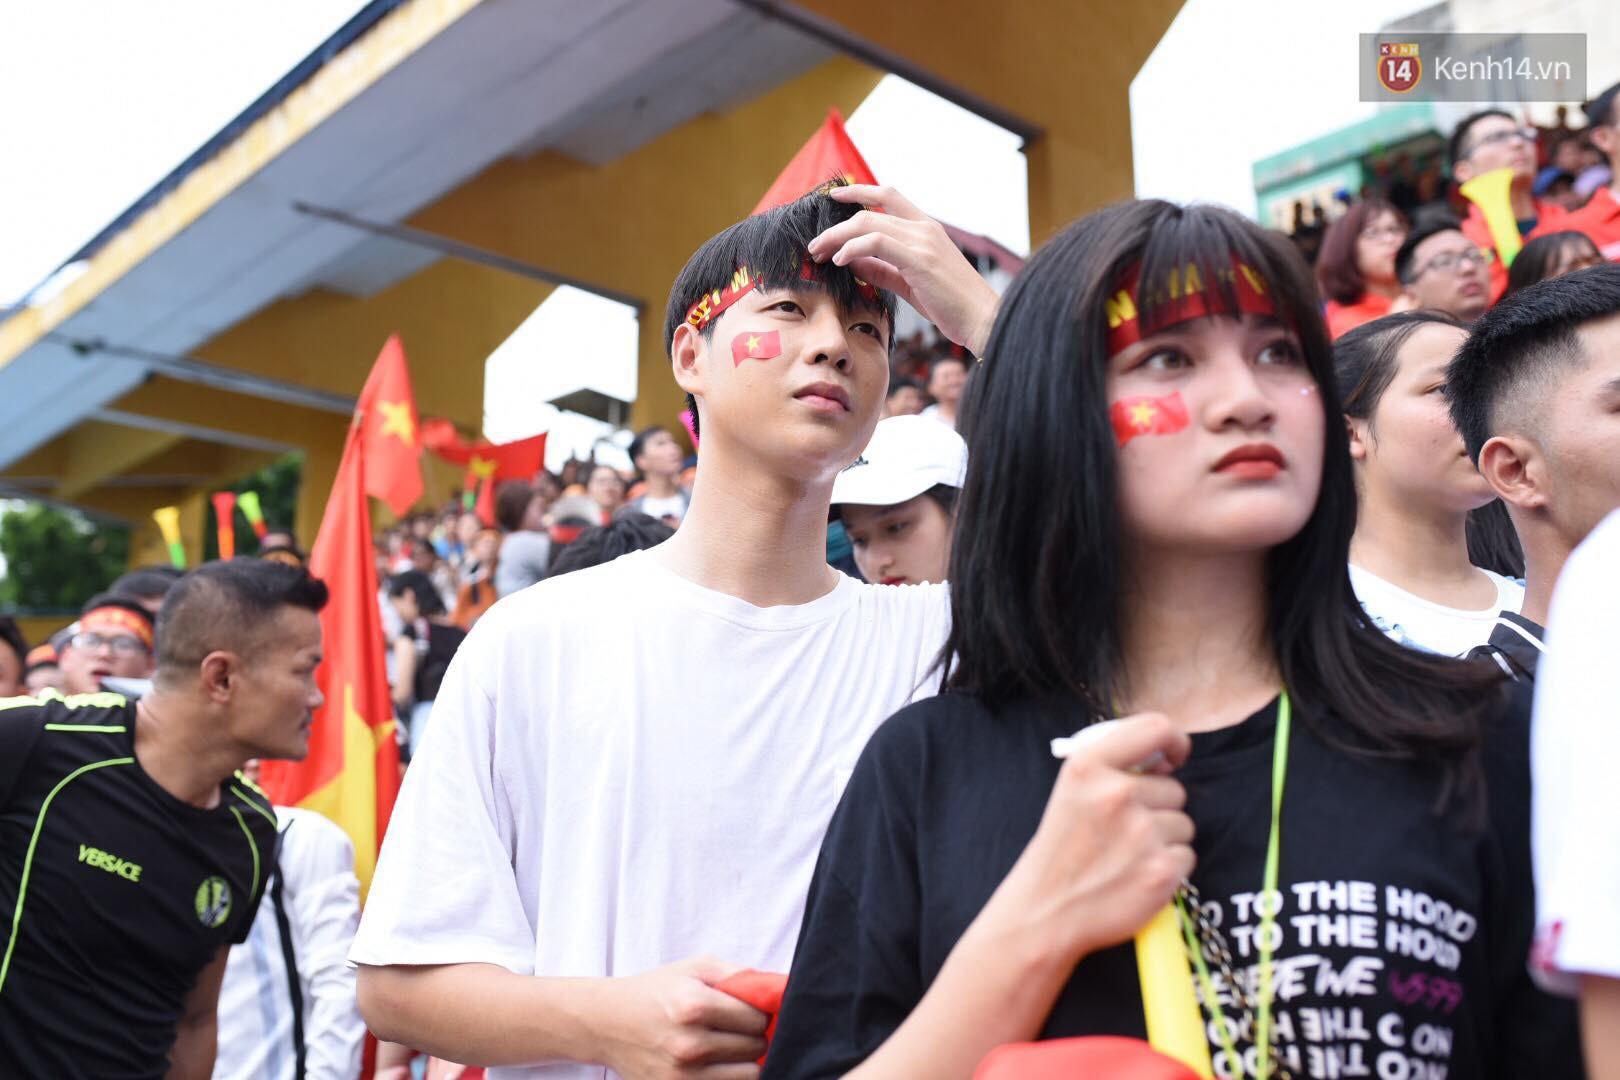 Hot boy trường Y gây chú ý khi xuất hiện trên khán đài cổ vũ Olympic Việt Nam cùng một cô gái lạ - Ảnh 9.